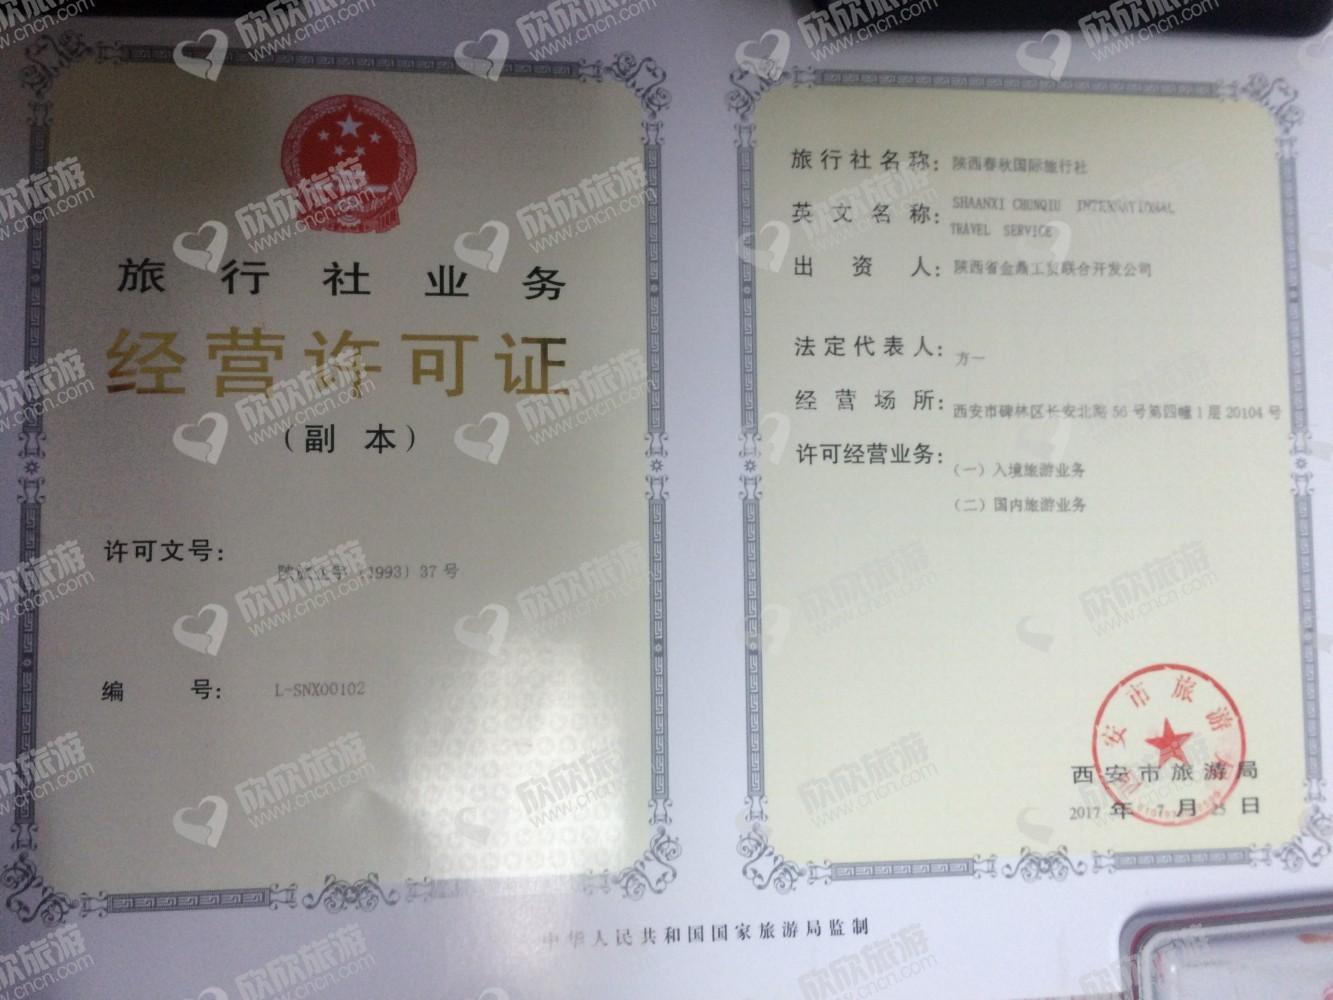 陕西春秋国际旅行社经营许可证